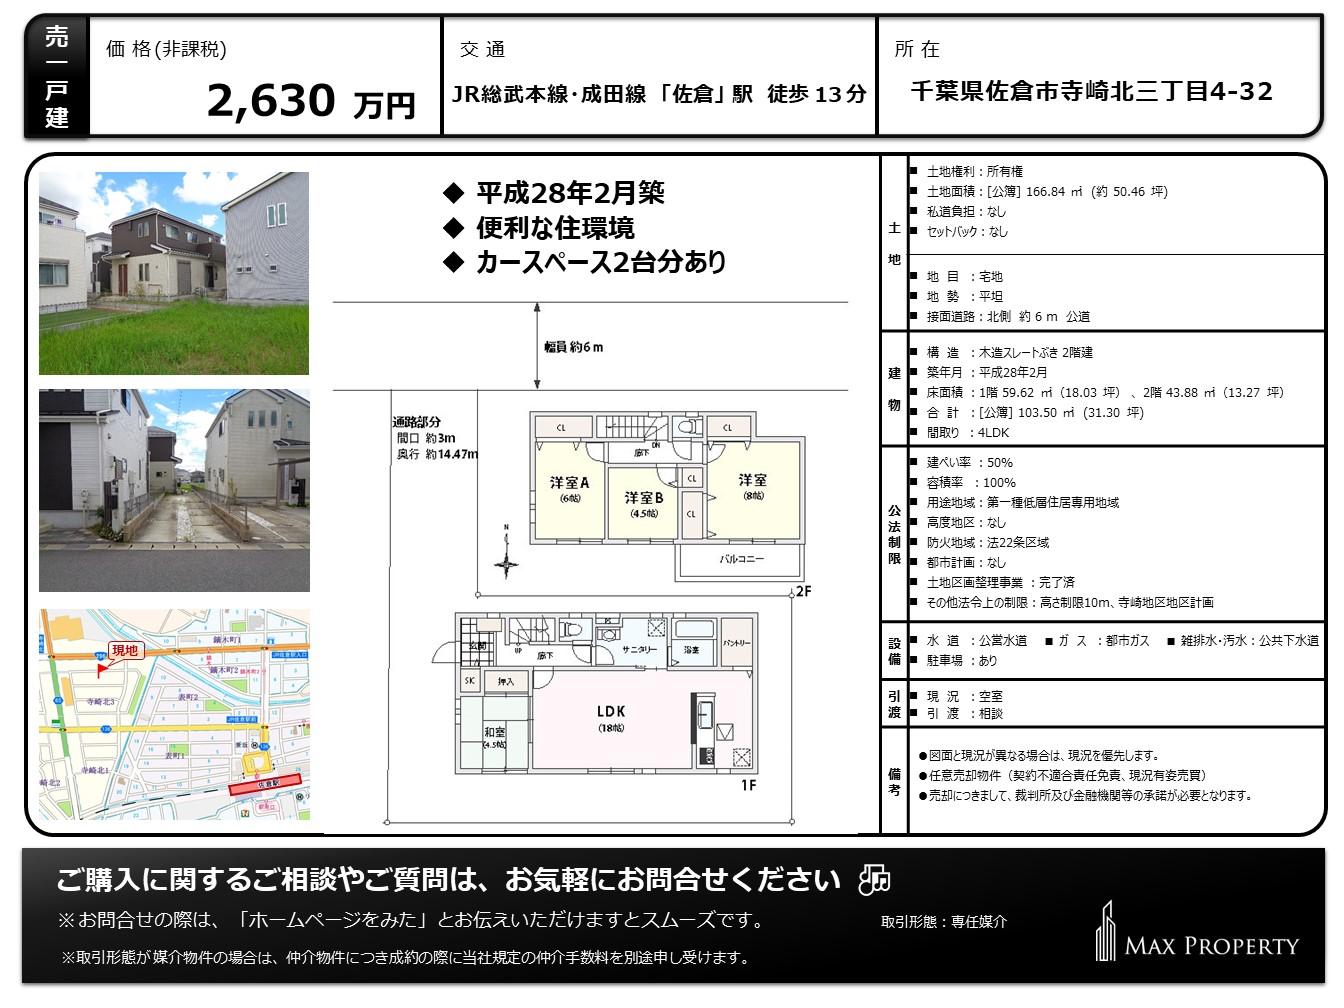 HP_佐倉市戸建て_20201026